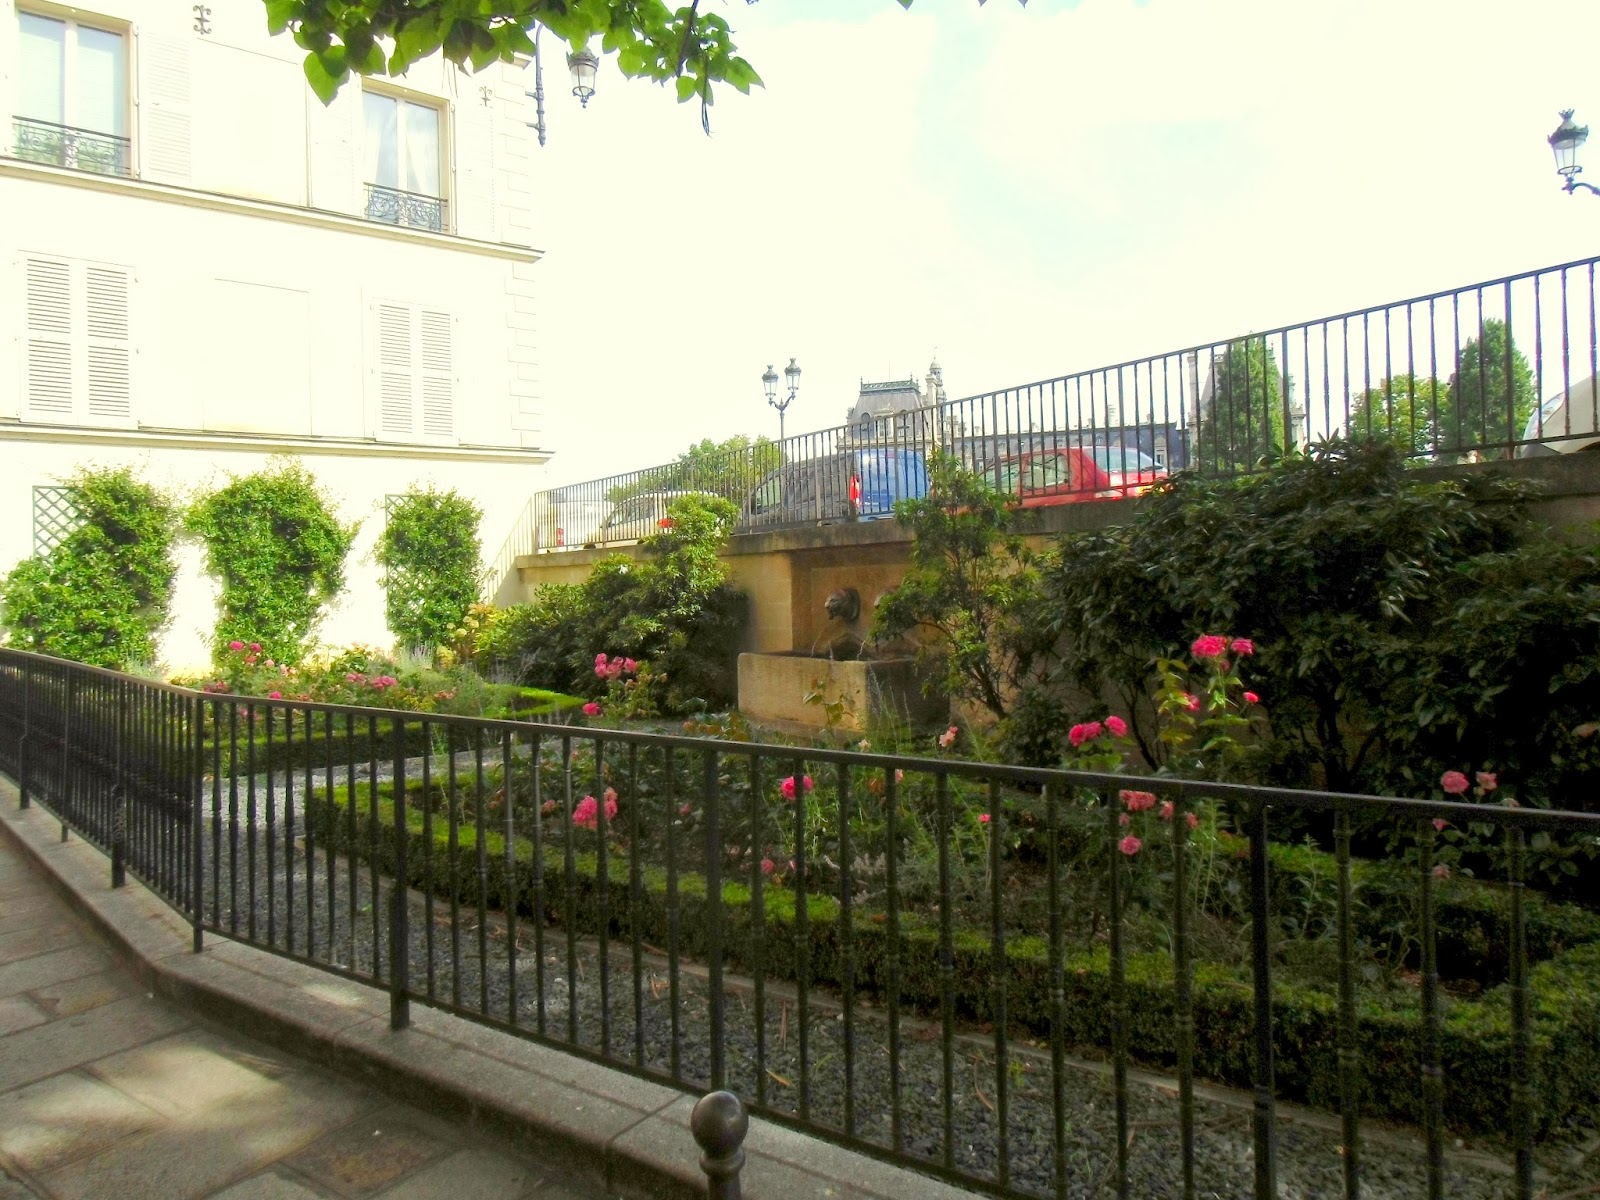 La rte le p re d 39 ulysse quelques vues de l 39 le de la - Jardin d ulysse uk ...